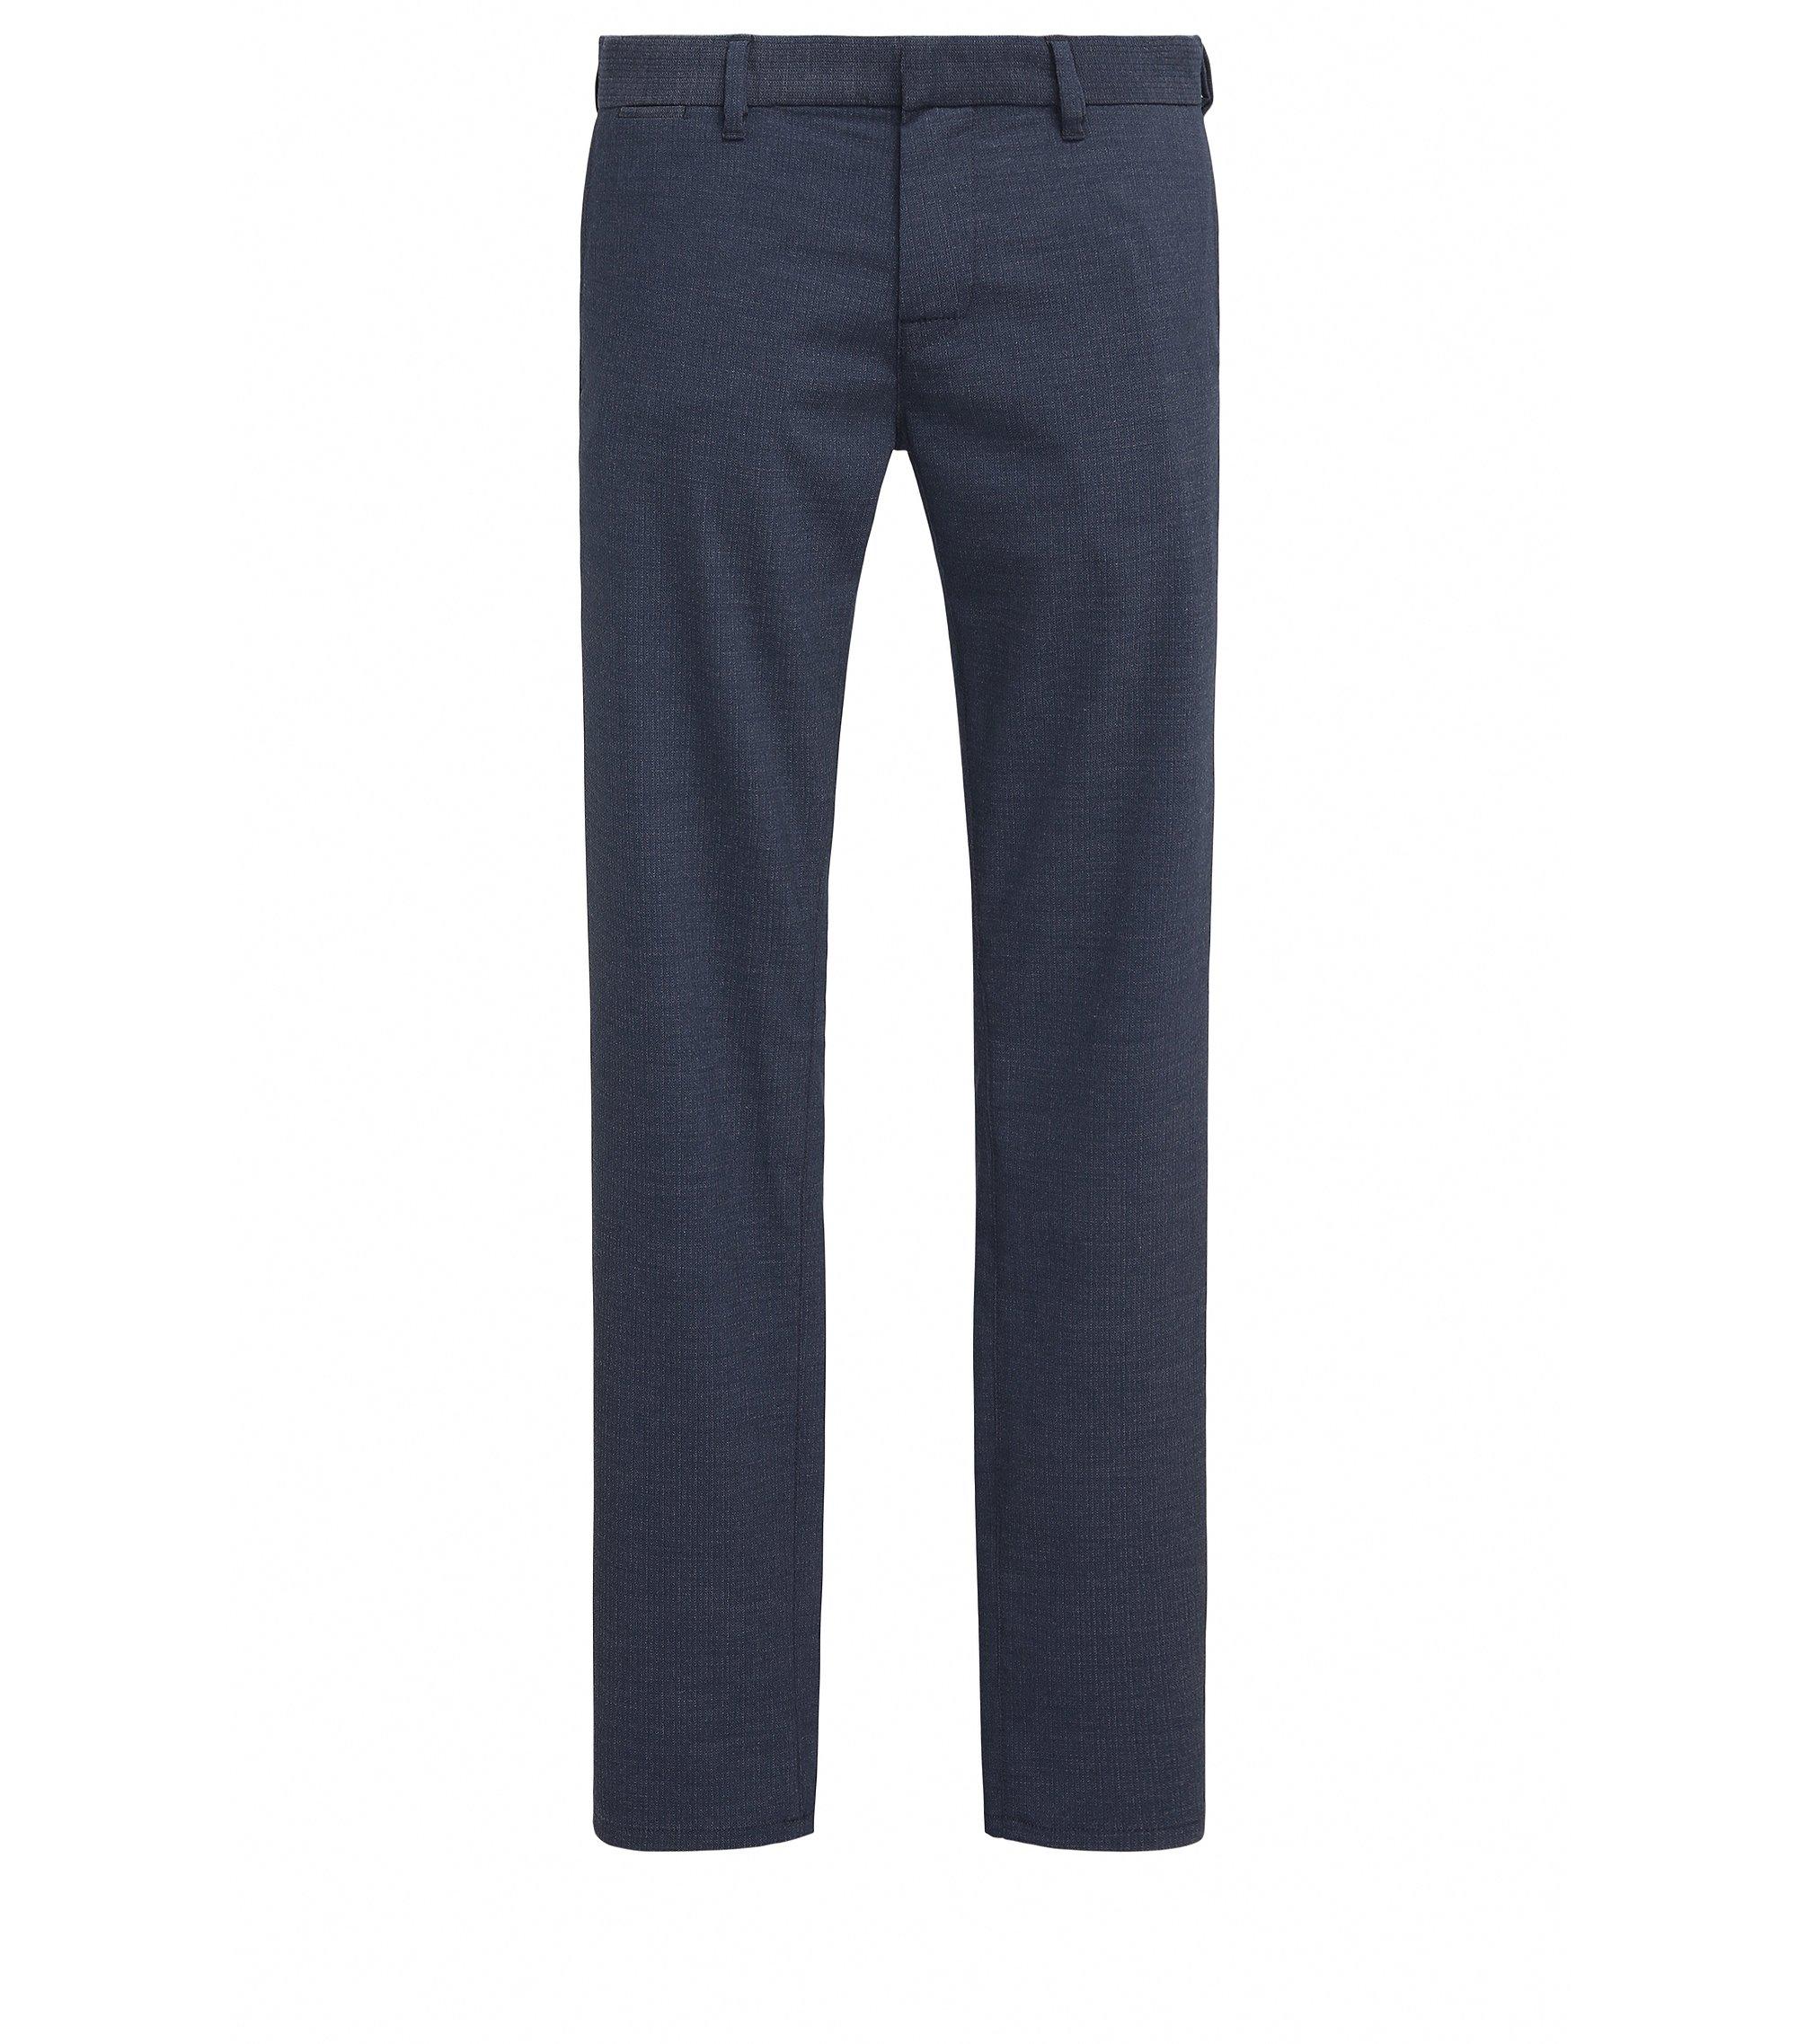 Pantalón slim fit en tejido de peso medio, Azul oscuro